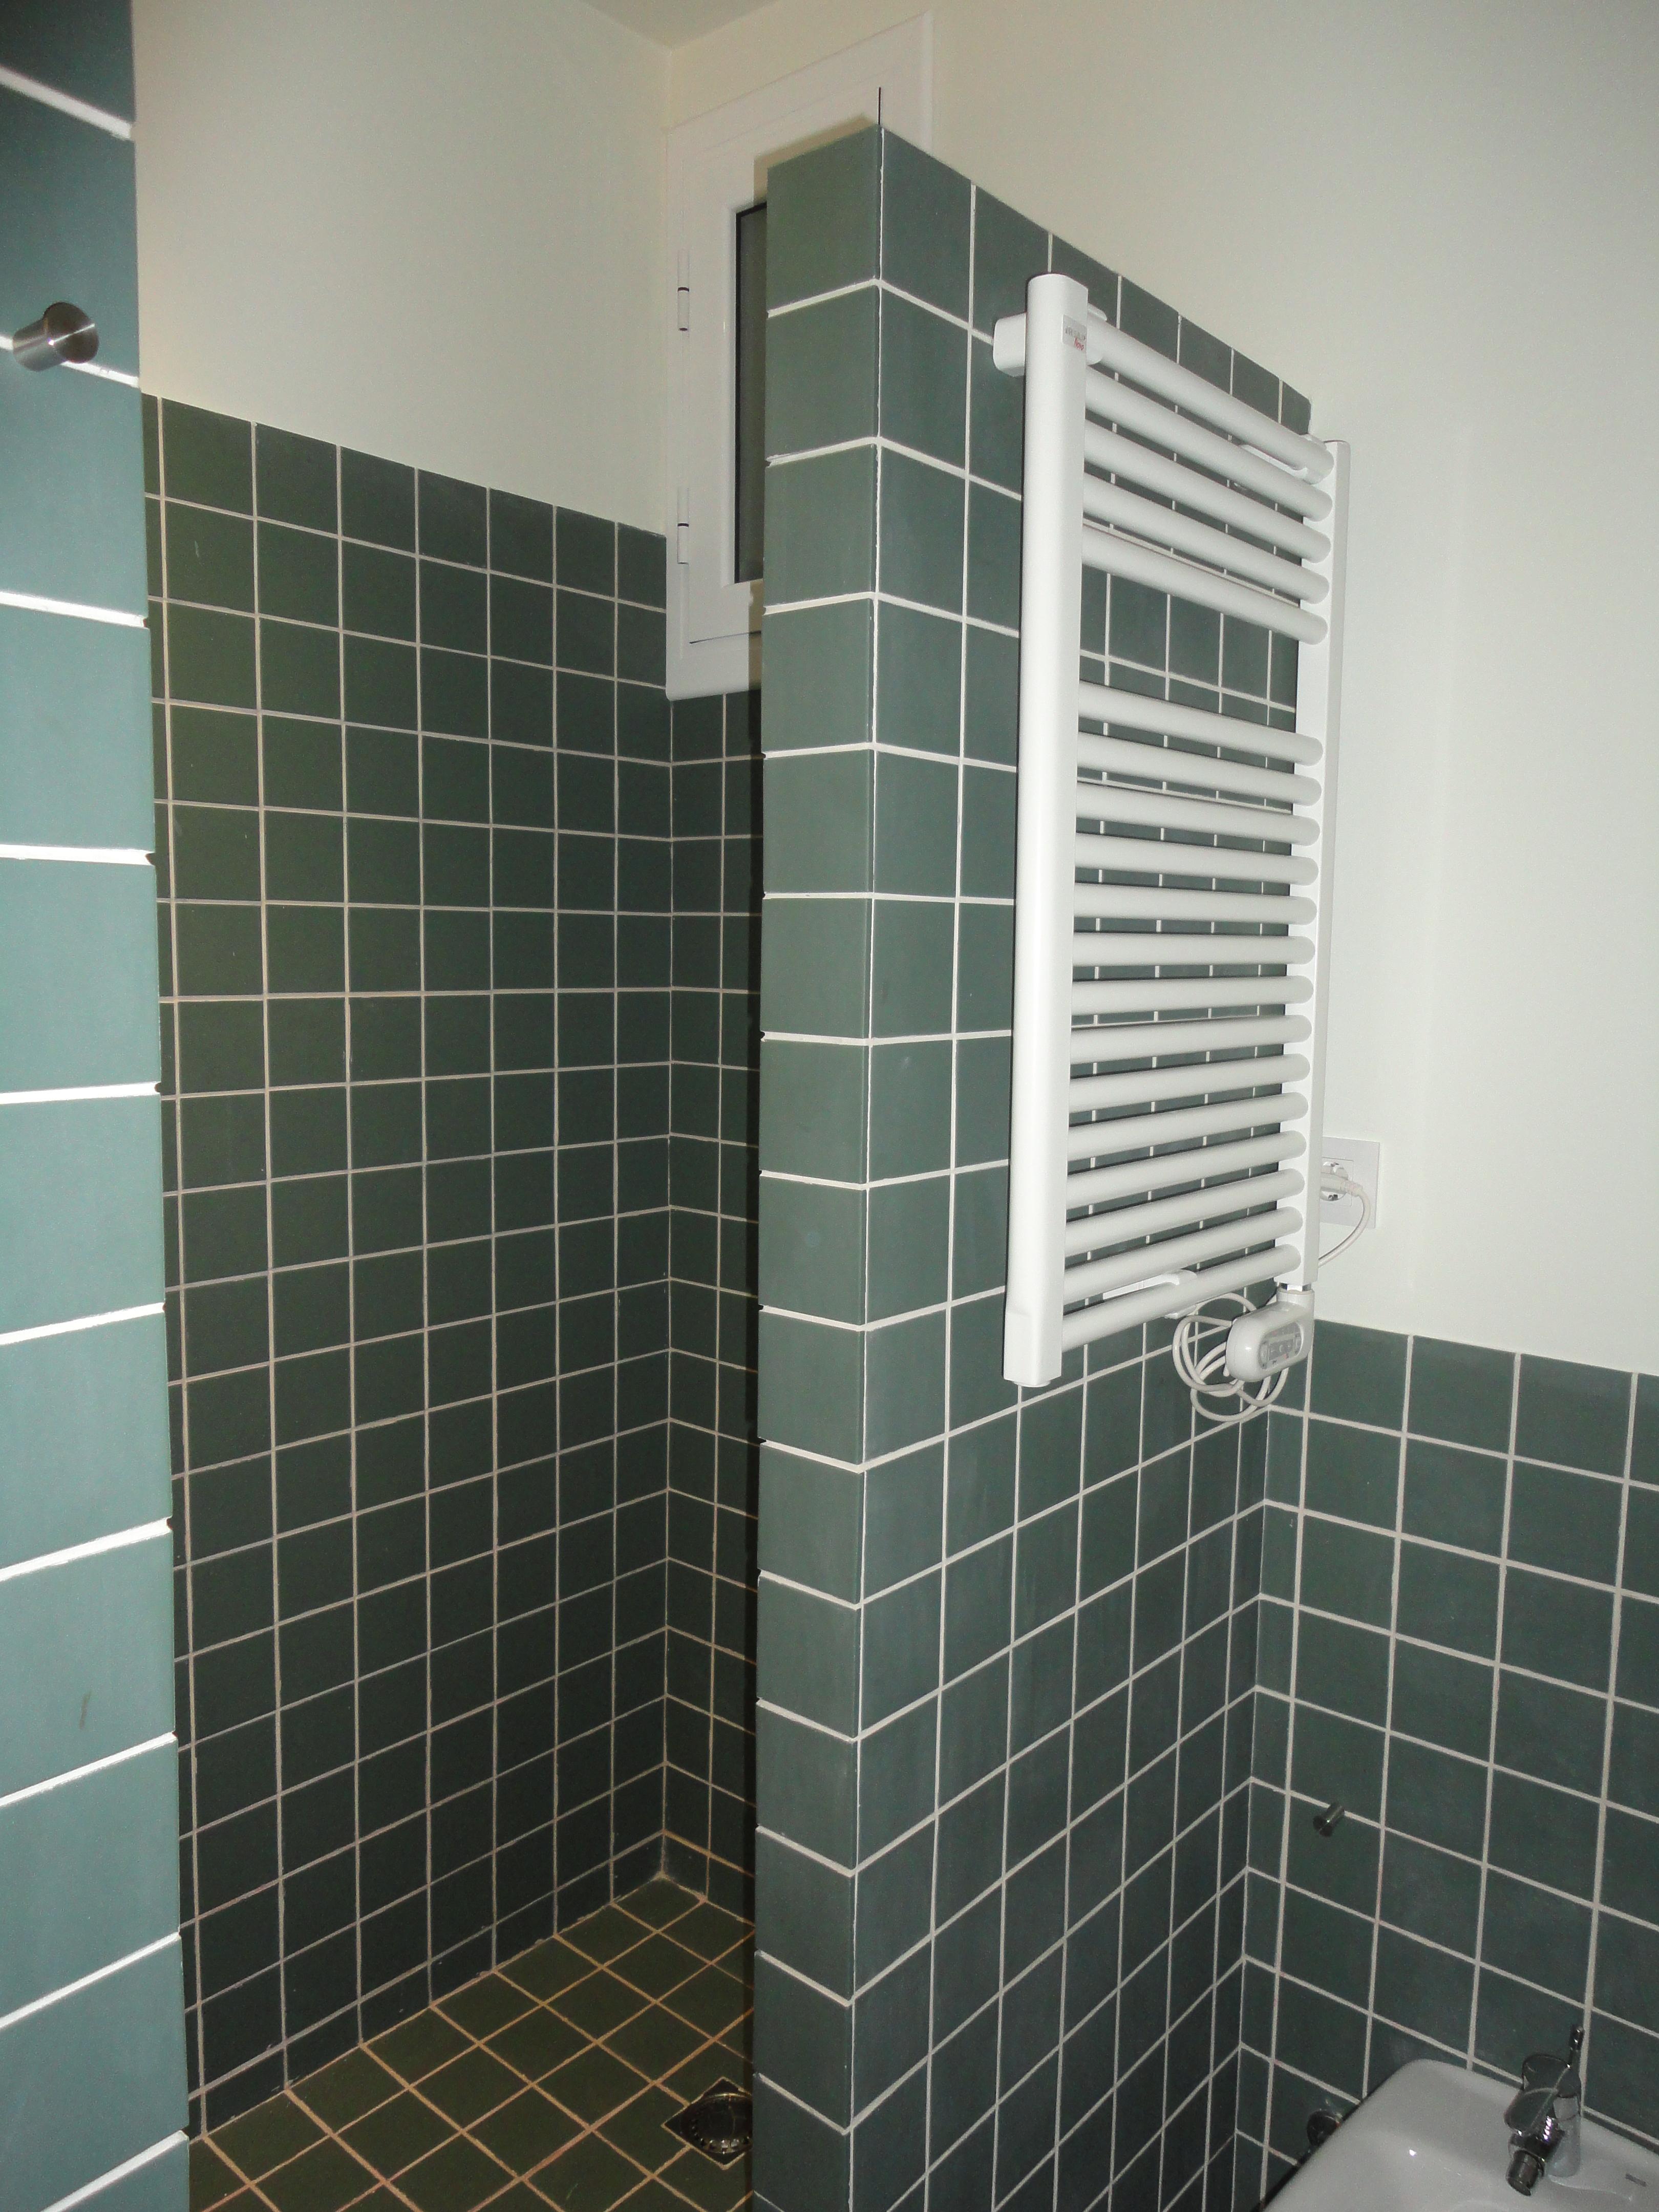 Ventajas de una ducha de obra noticias rehabigrup - Mamparas para duchas de obra ...